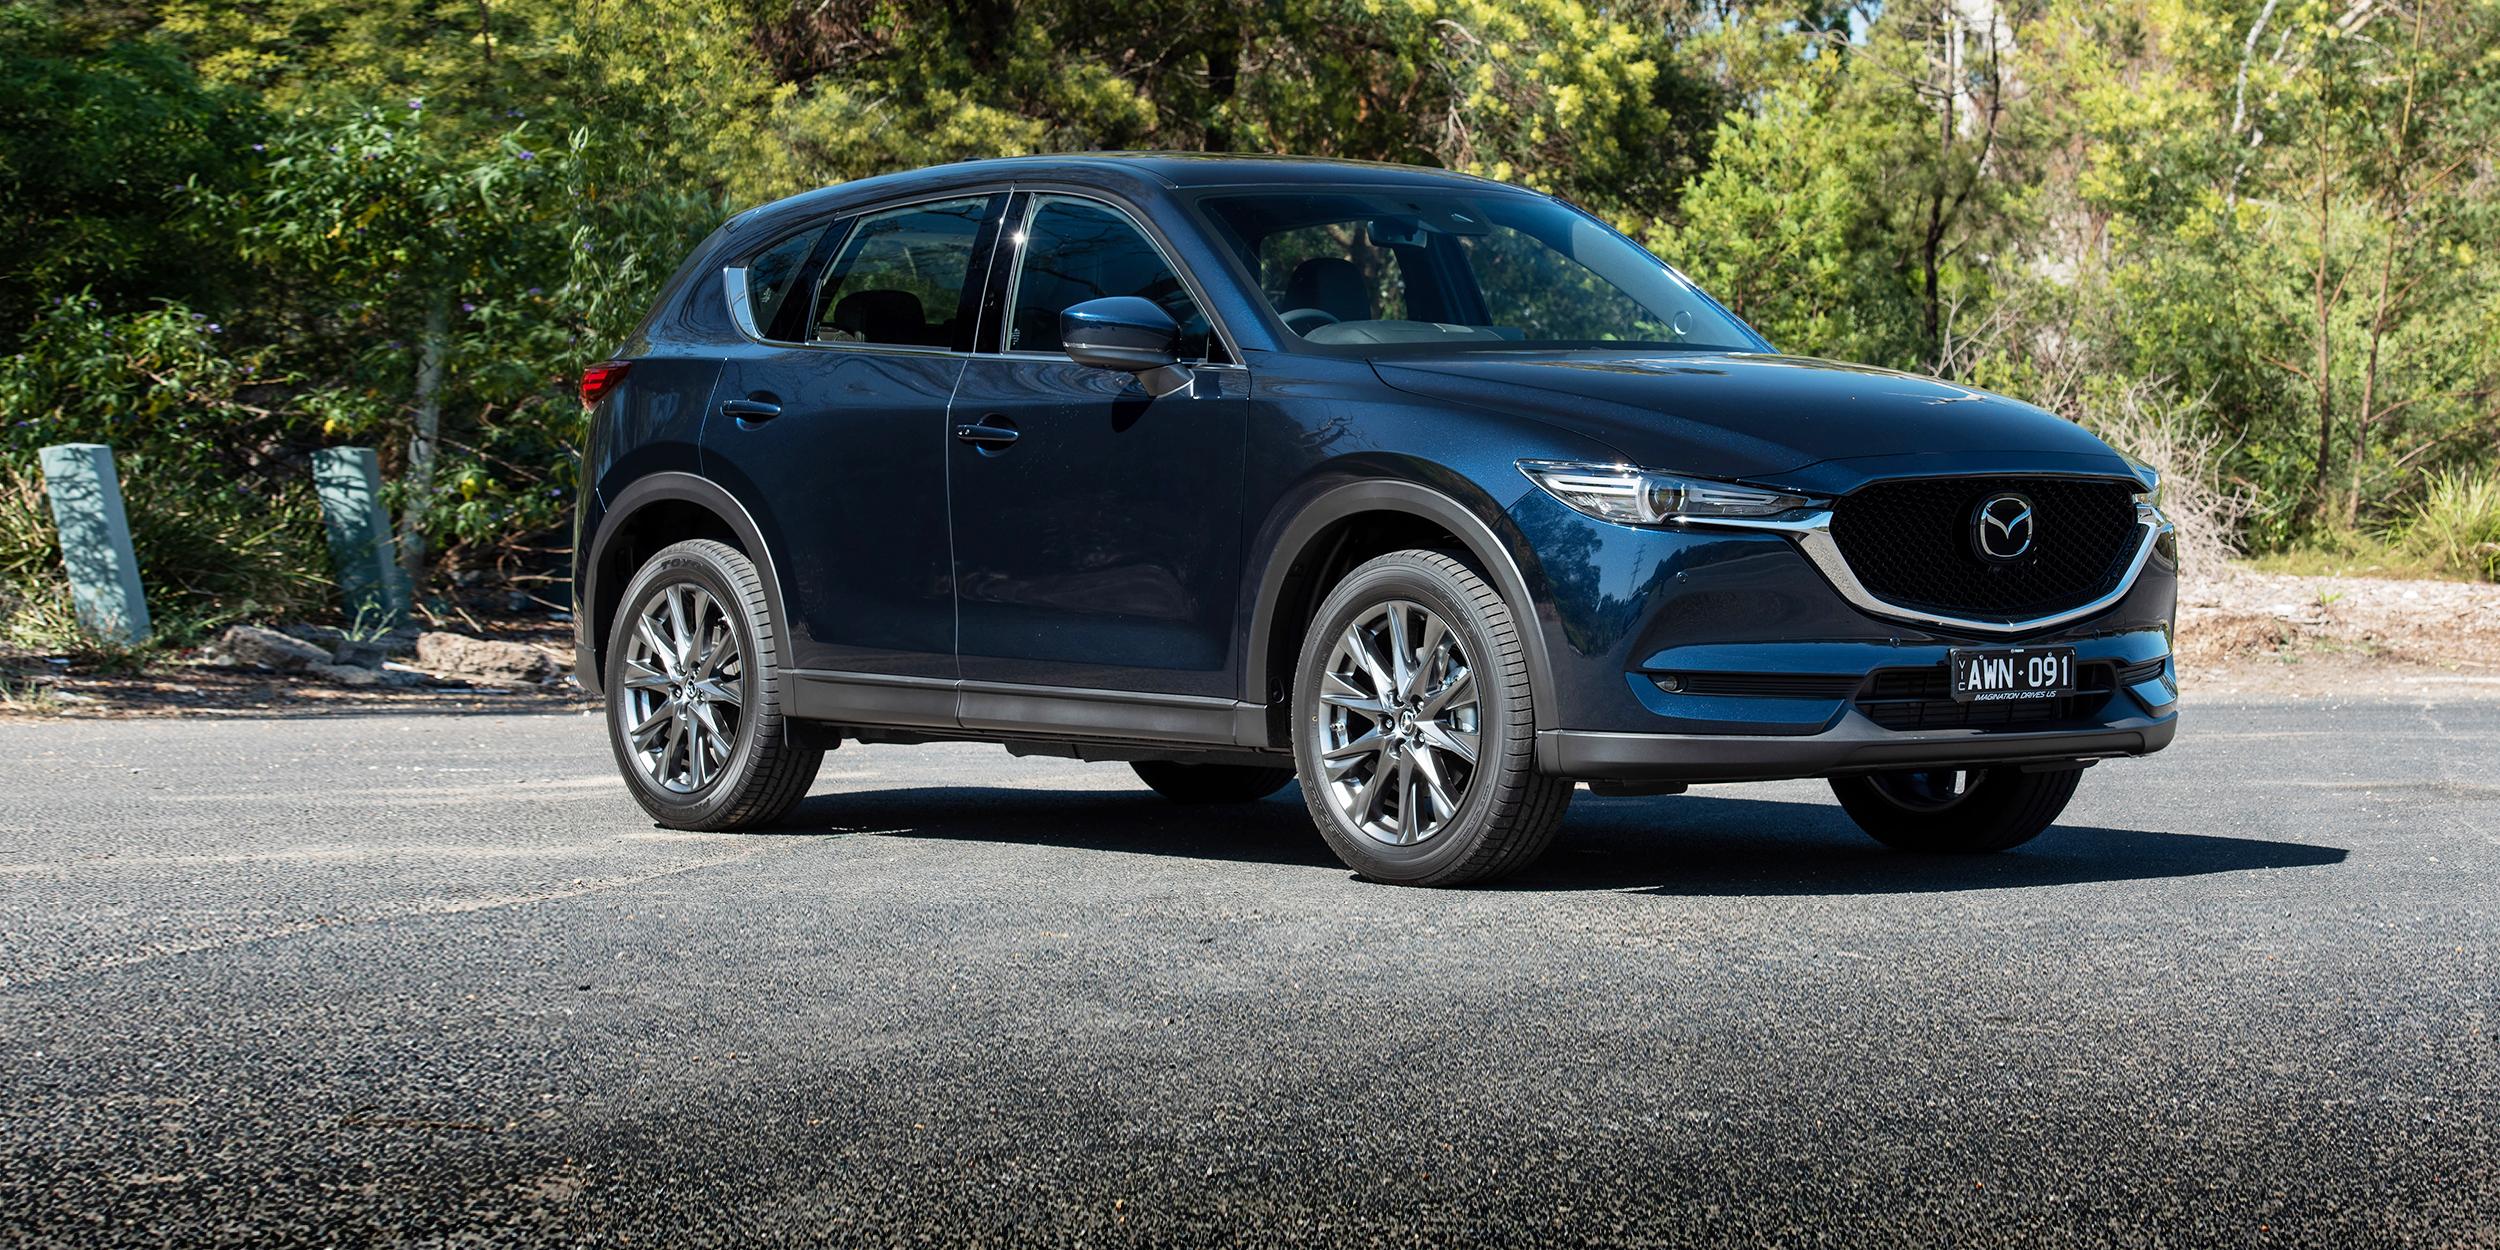 Kelebihan Mazda Cx 5 2.5 Turbo Perbandingan Harga